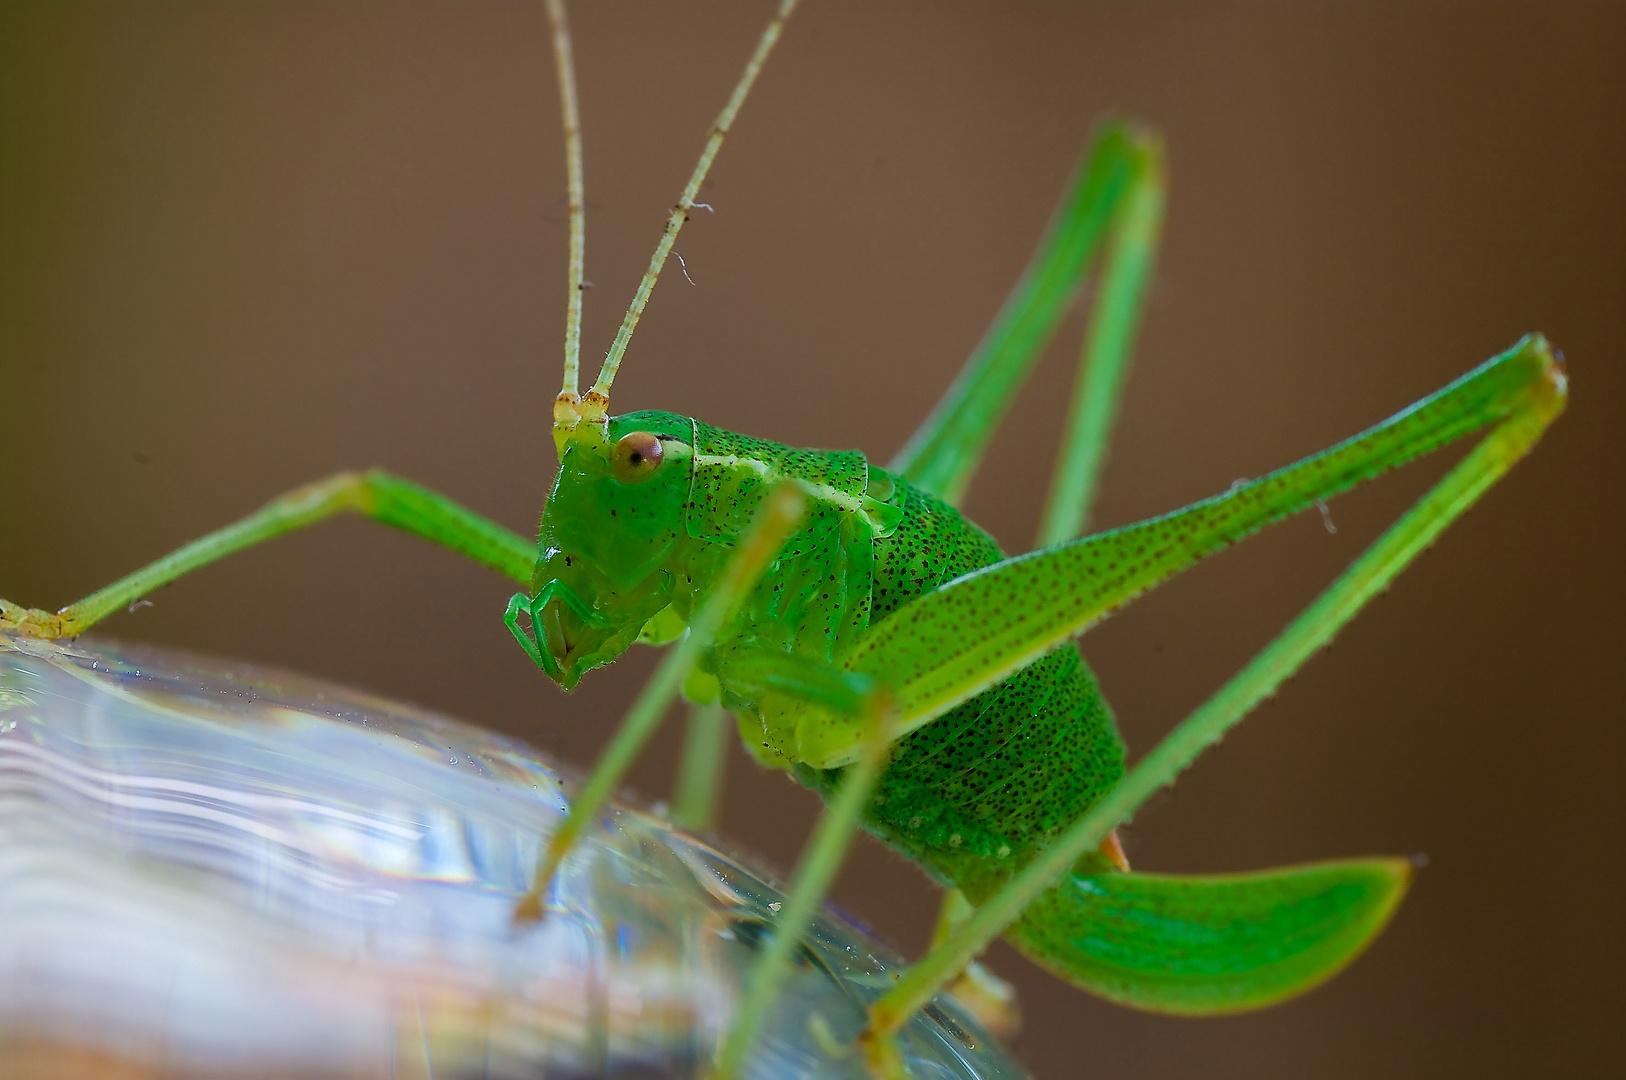 kleine grüne Heuschrecke